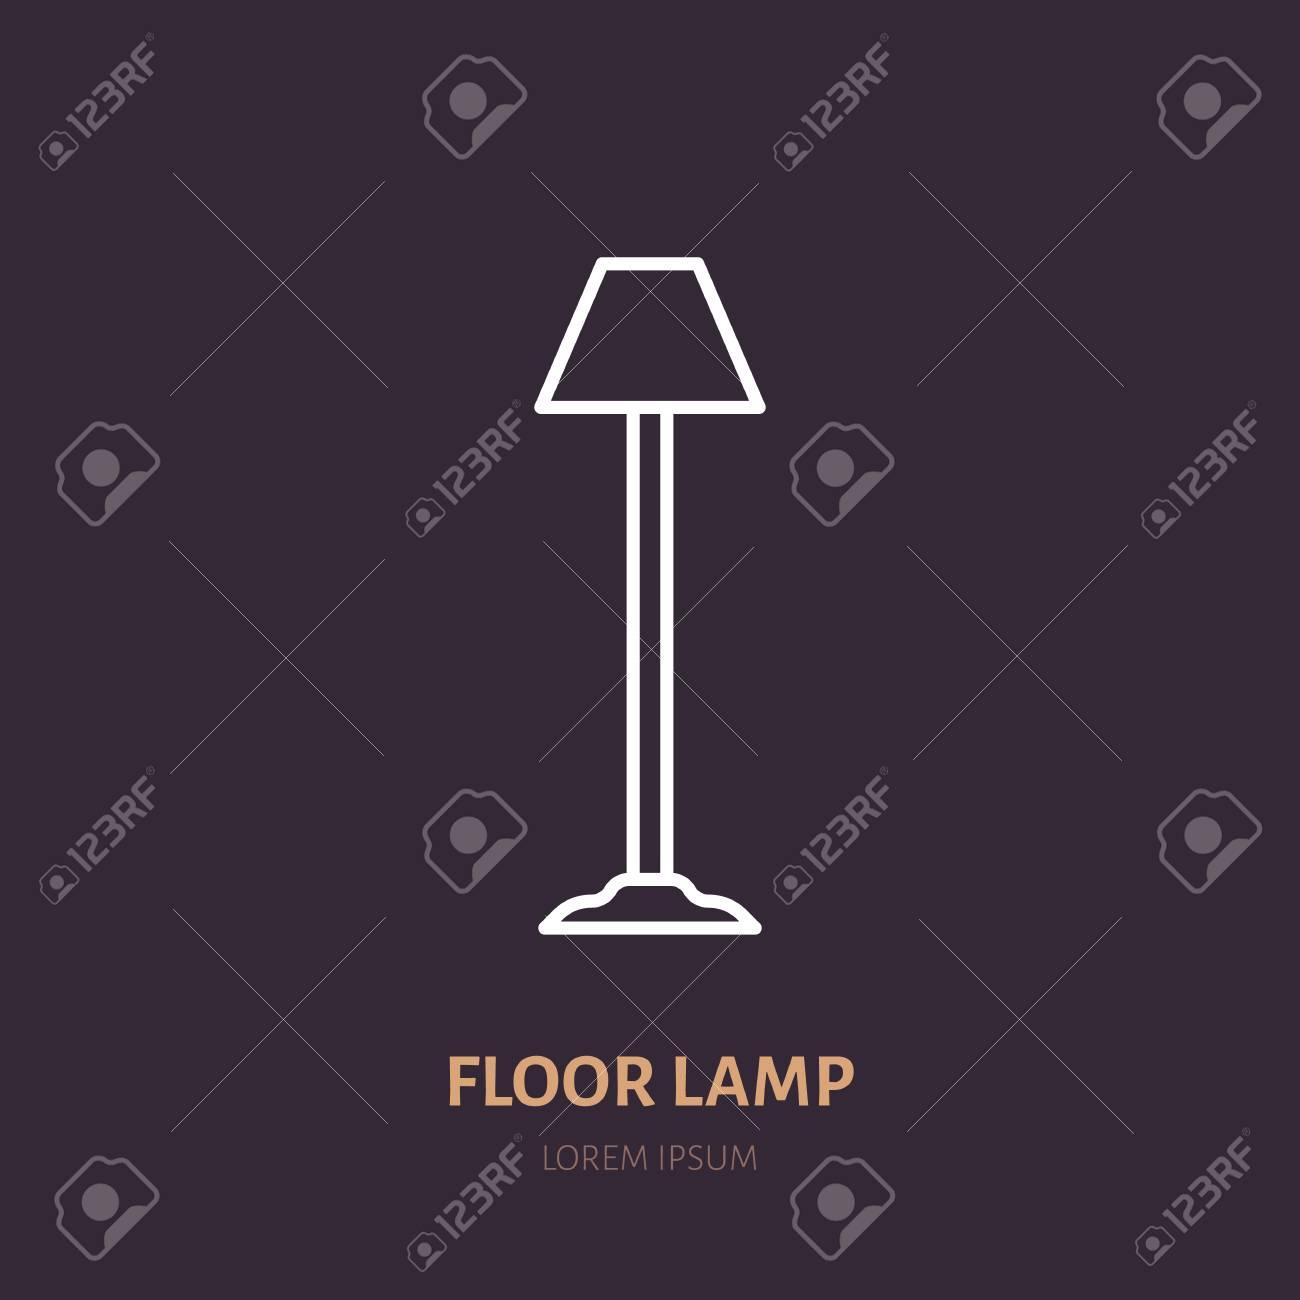 tienda de interior de pieicono línea del para lámparas Lámpara hogarseñal torchereIluminación luminariaIlustración de plana de VpSMGqzU